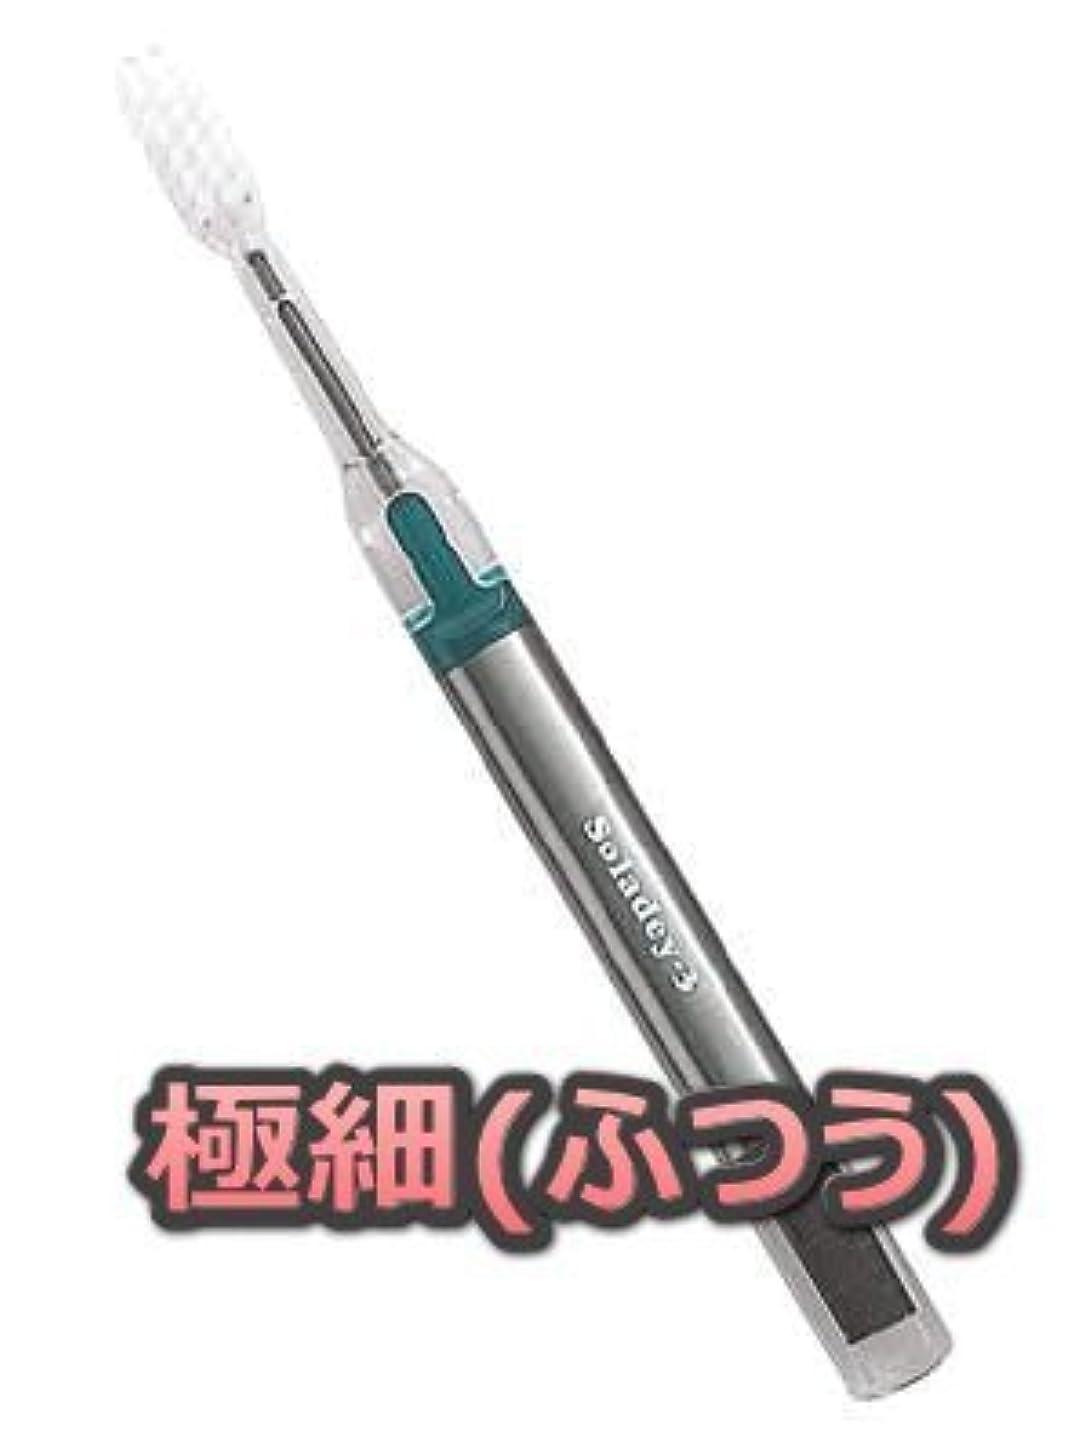 湿気の多い昇進大理石【本体】Soladey-3 (ソラデー3)極細 (ふつう) ブルー